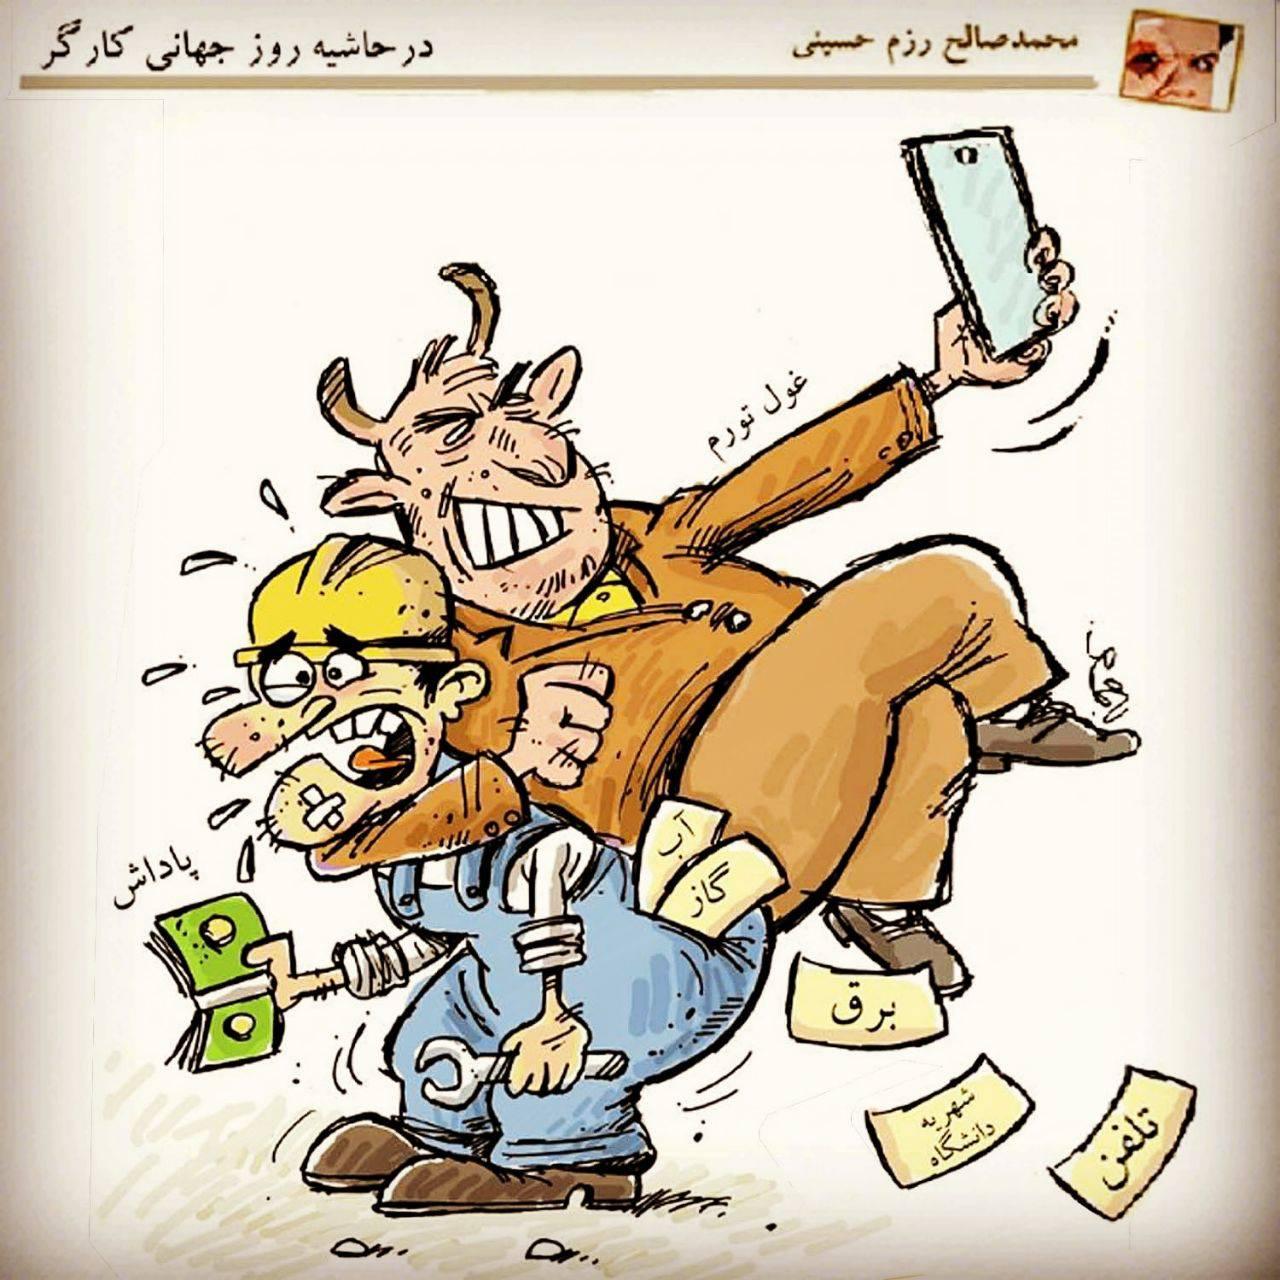 کاریکاتور | در حاشیهی روز جهانی کارگر